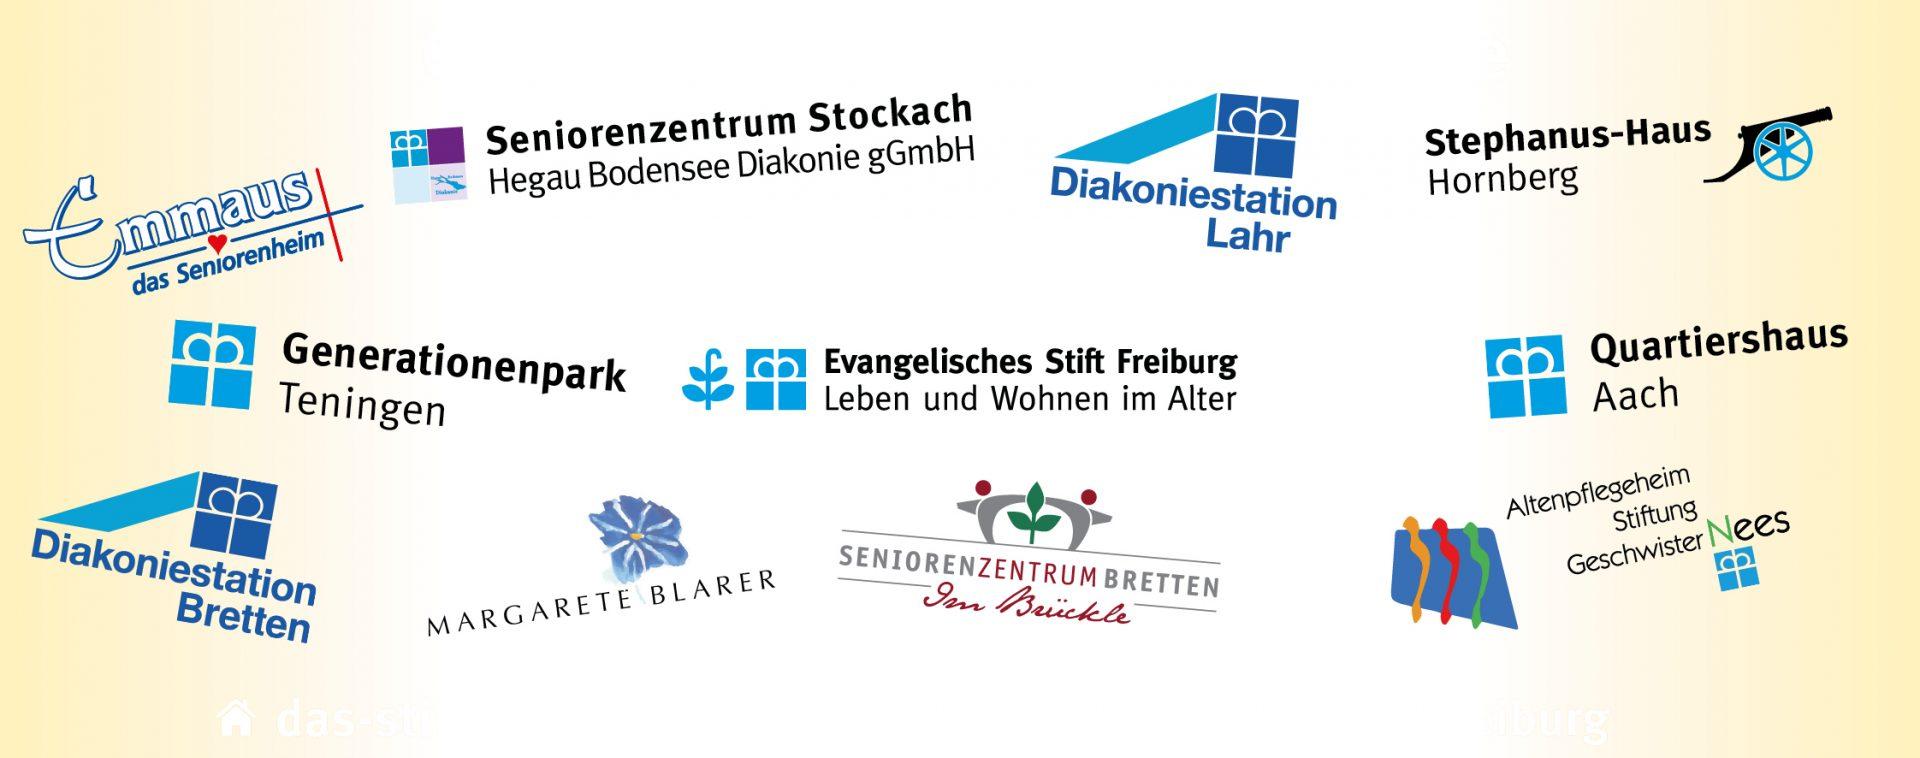 Der Ambulante Pflegedienst Freiburg ist Teil des Stiftsverbunds des Evangelischen Stift Freiburg